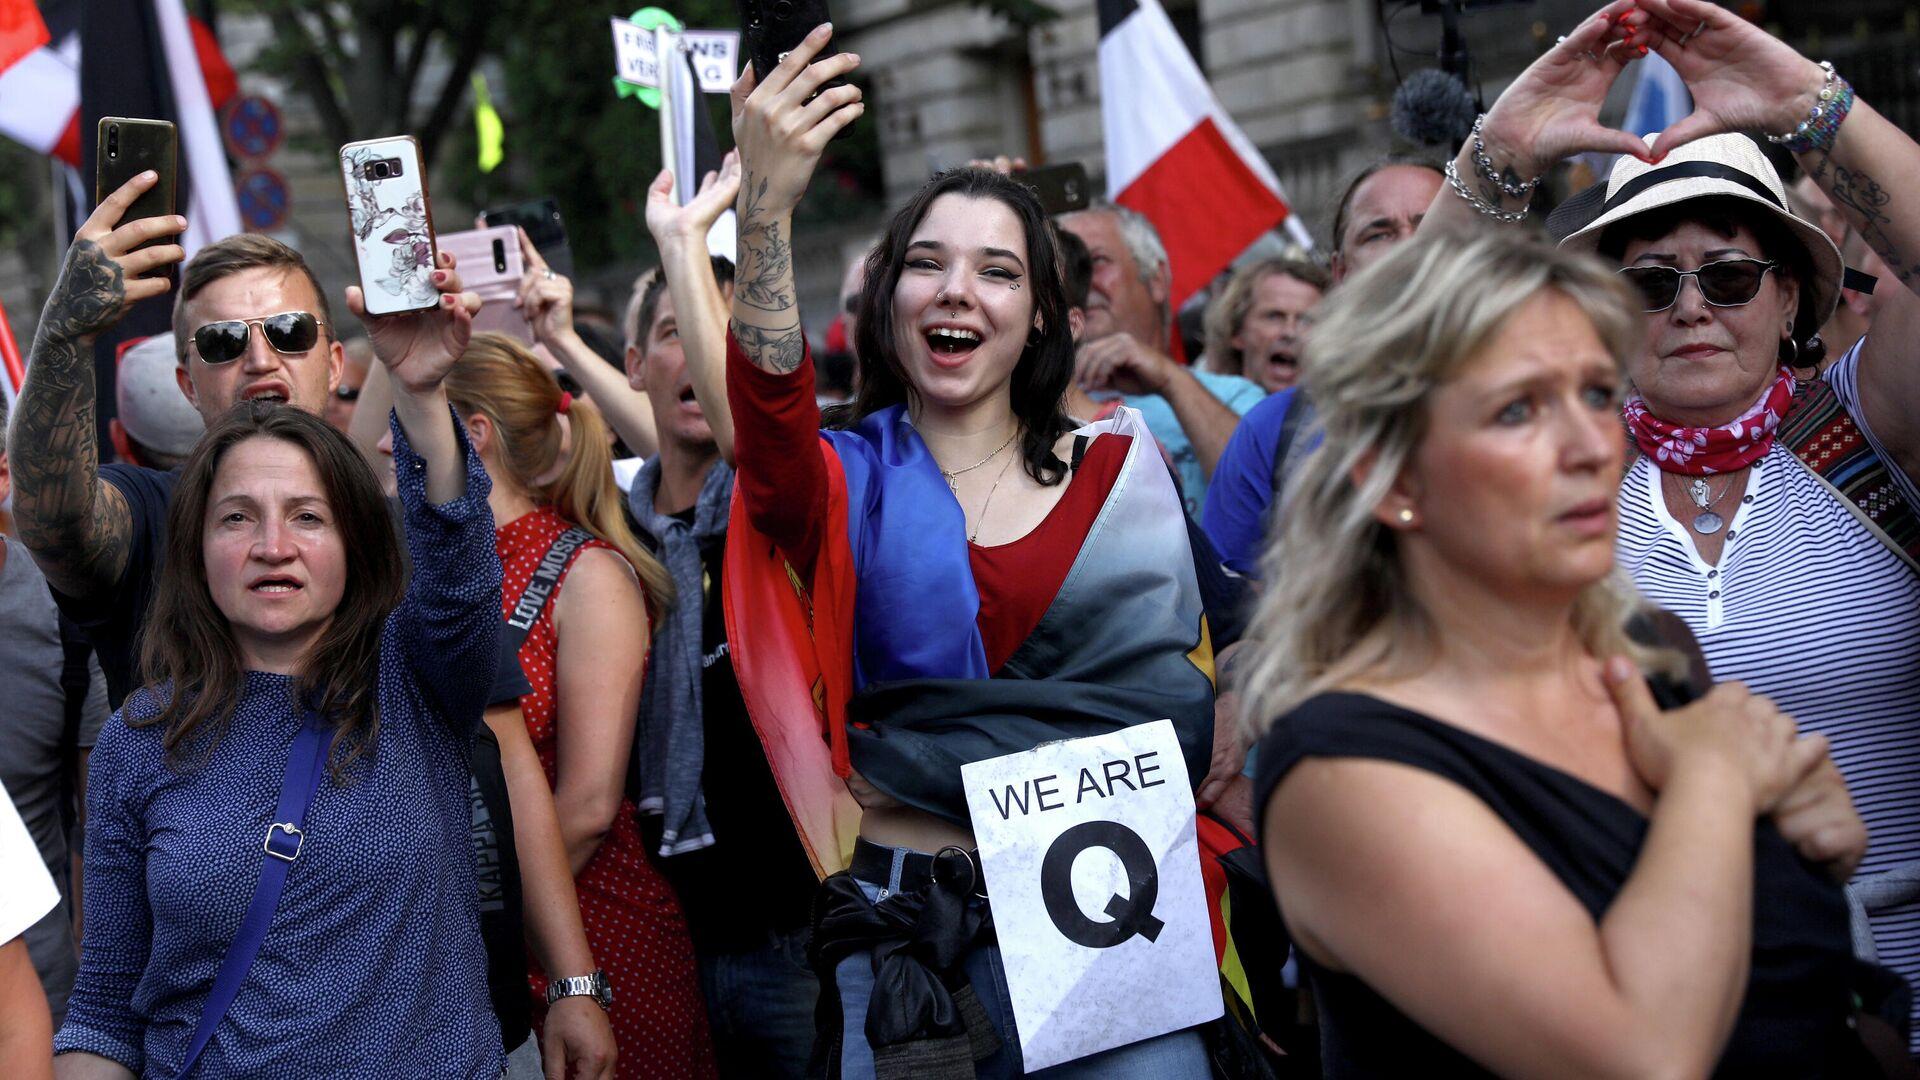 Люди во время митинга против правительственных ограничений после вспышки COVID-19 в Берлине, Германия - РИА Новости, 1920, 31.08.2020